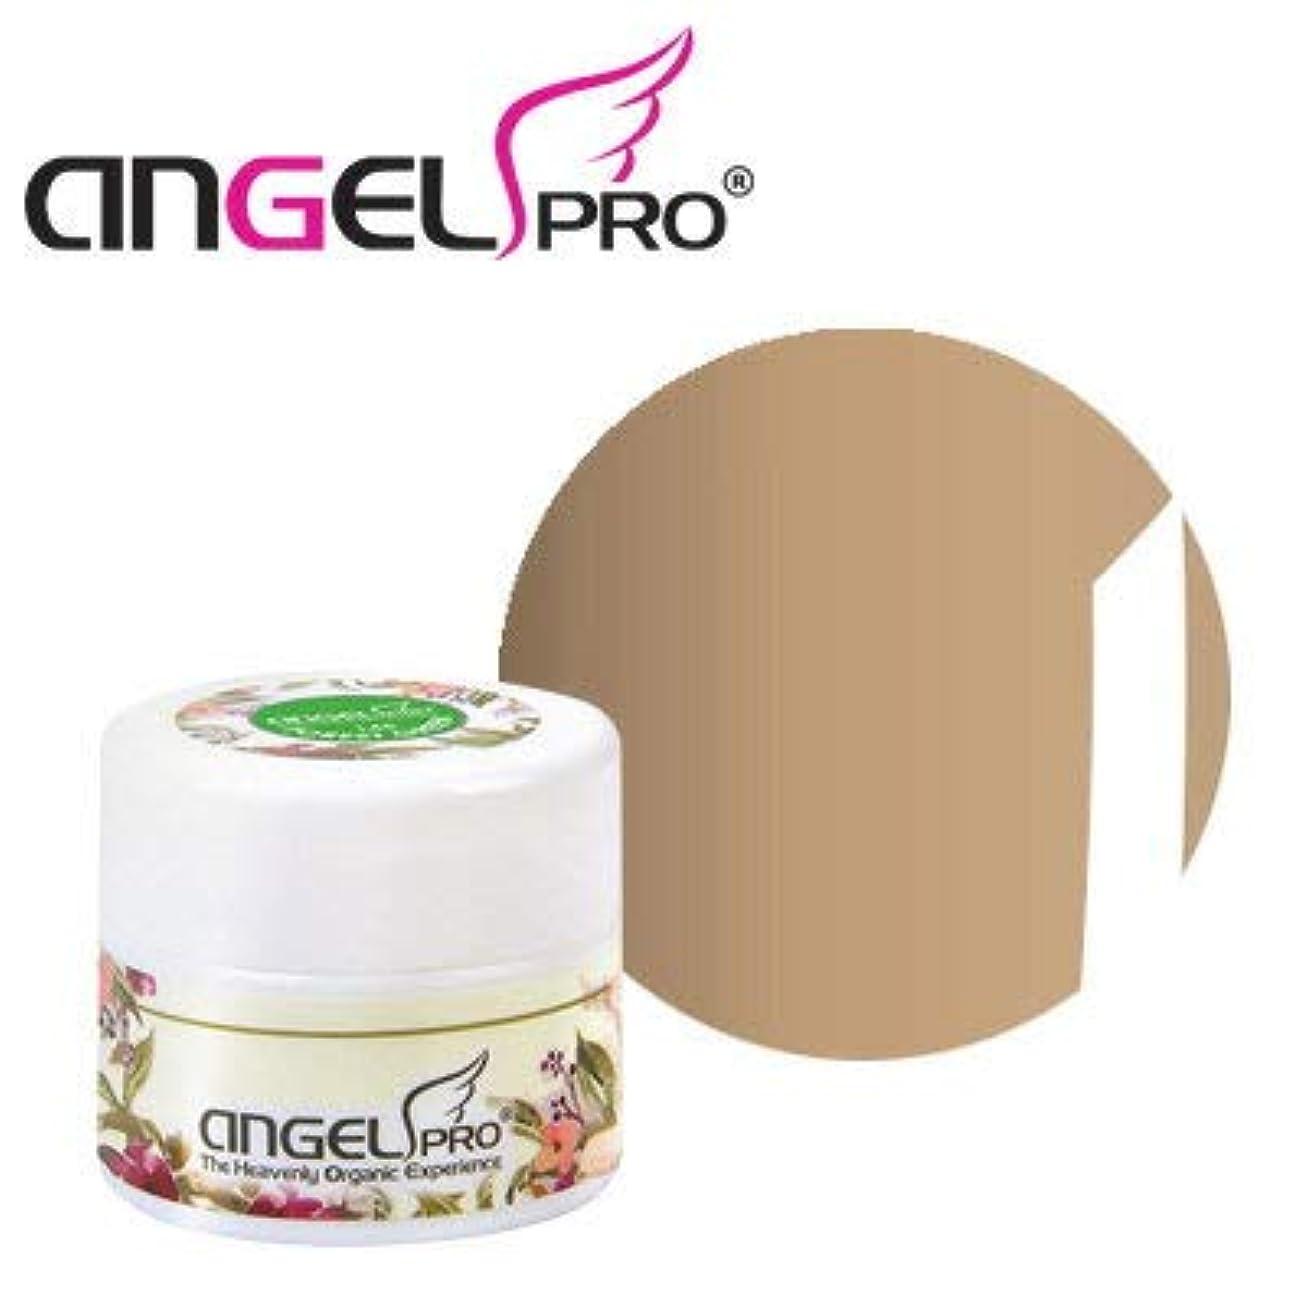 外科医バイオレット協力的ANGEL PRO ポットジェリー #111 ICE COFFEE 4g